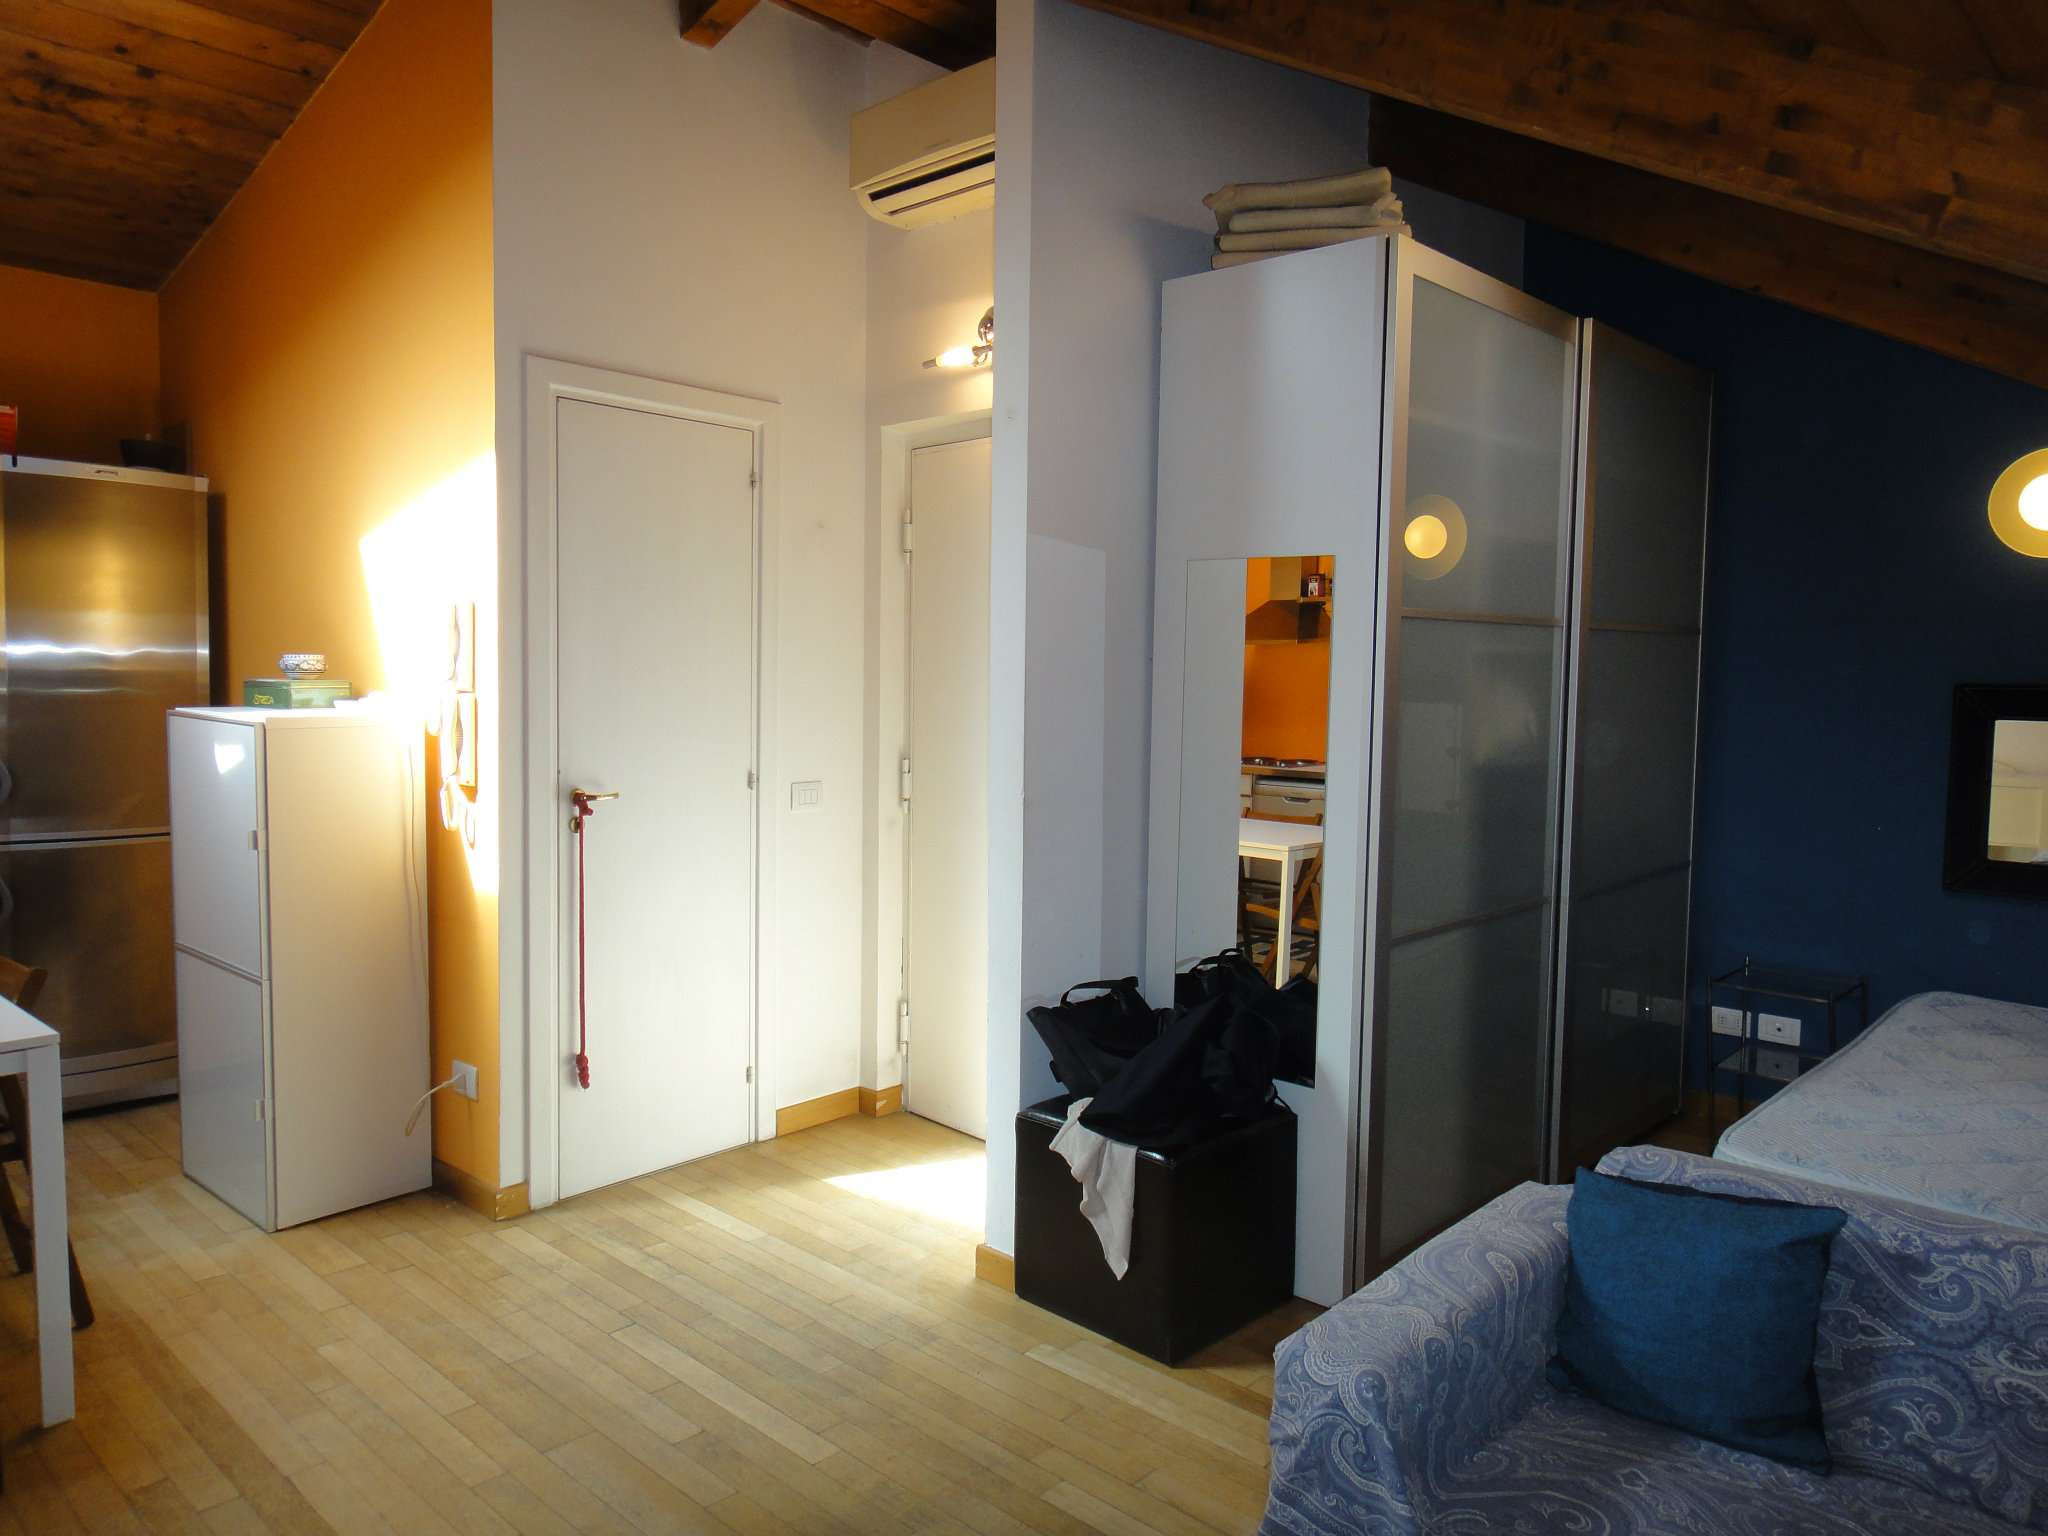 Appartamento monolocale in affitto a Napoli (NA)